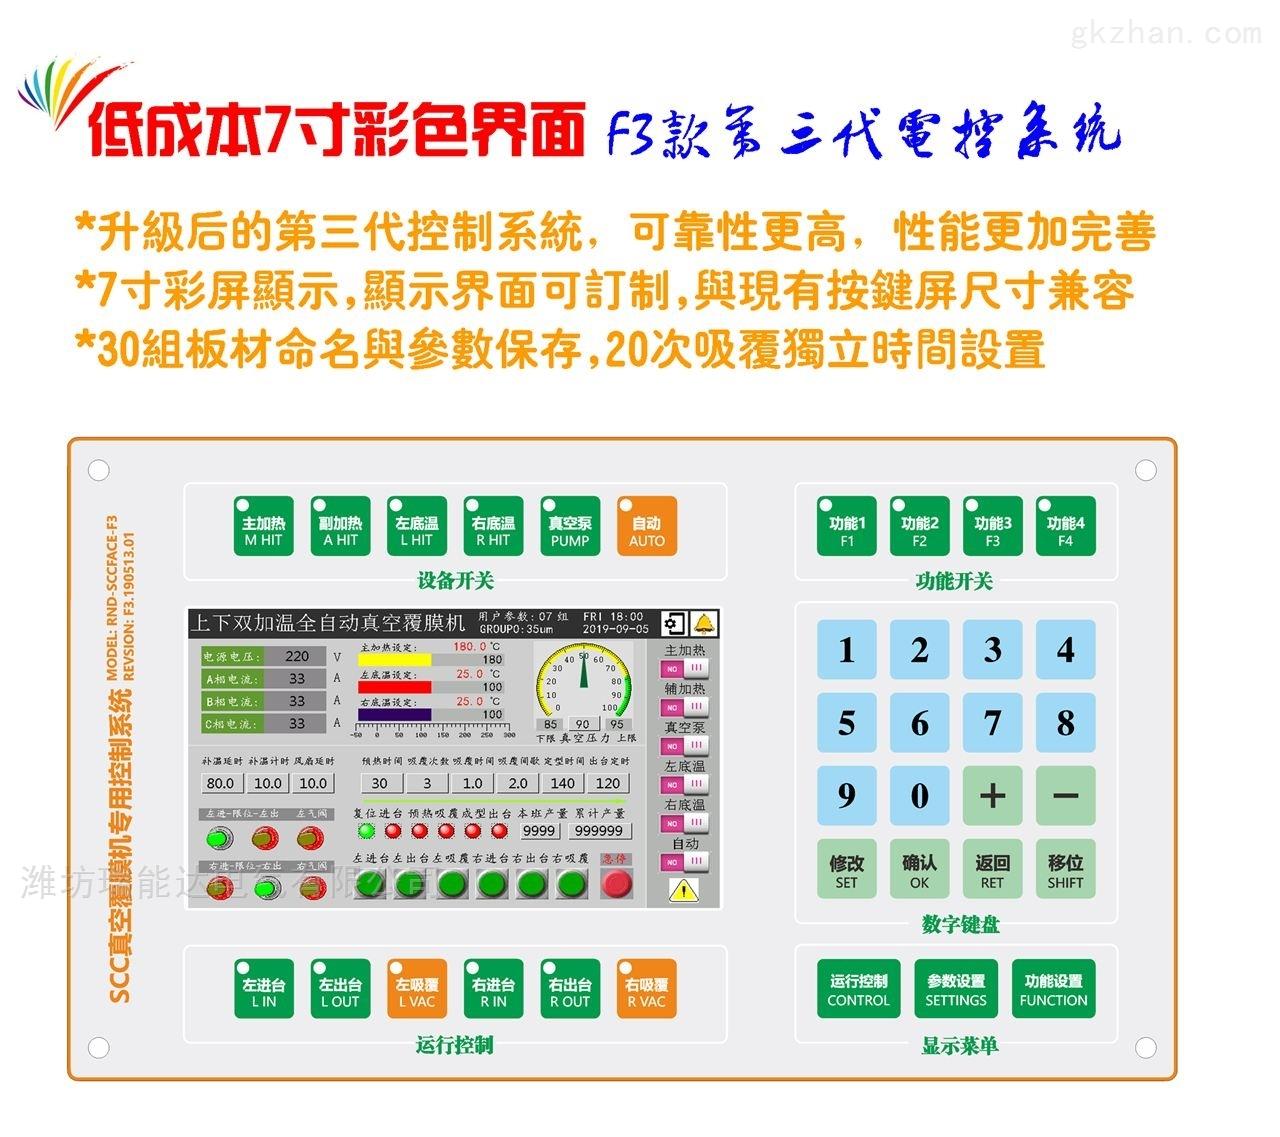 SCC系列真空覆膜机专用控制器